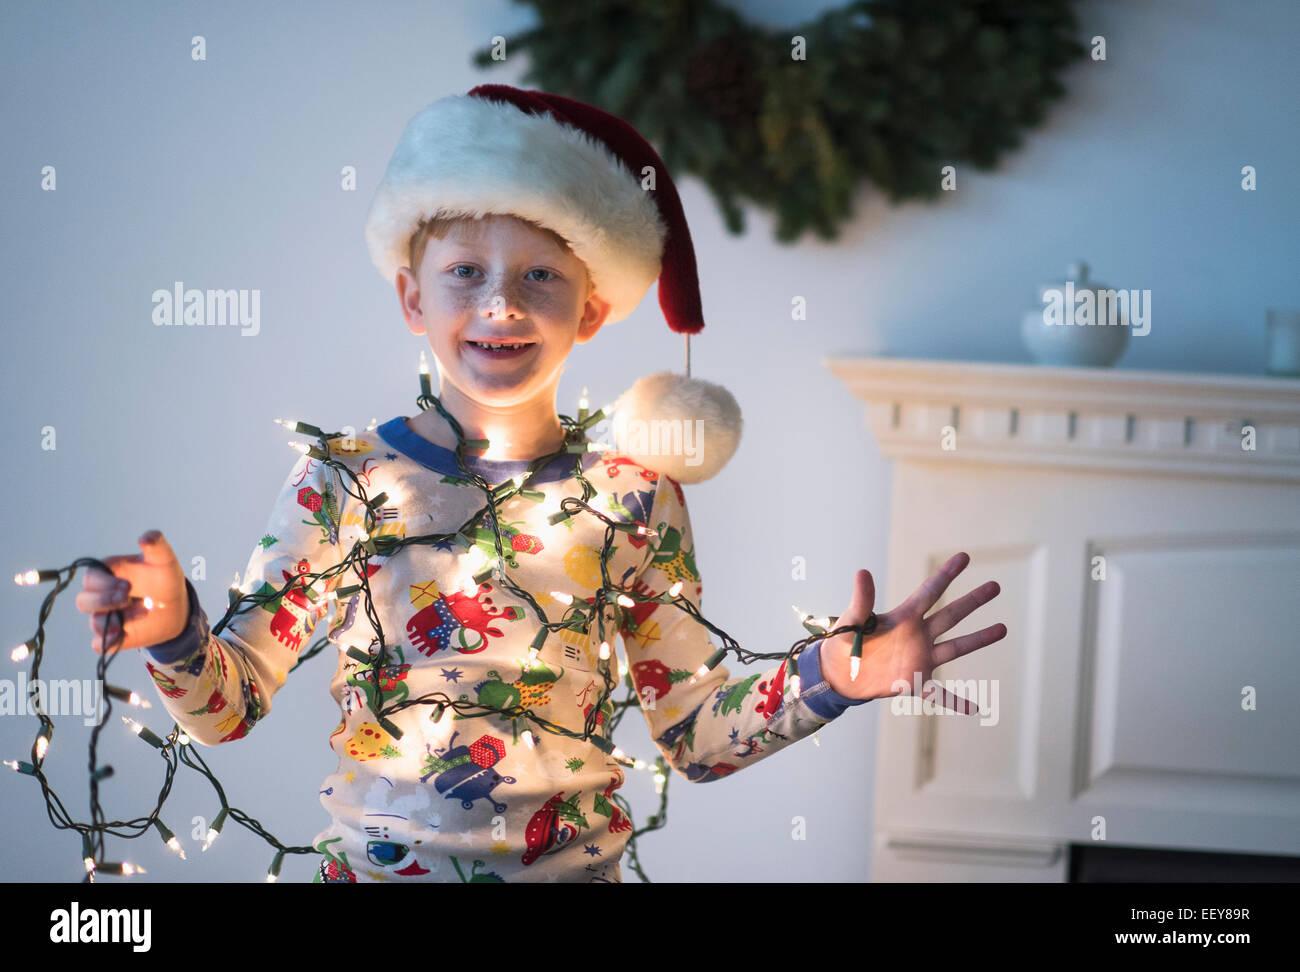 Porträt eines jungen (6-7) mit Weihnachtsbeleuchtung Stockbild